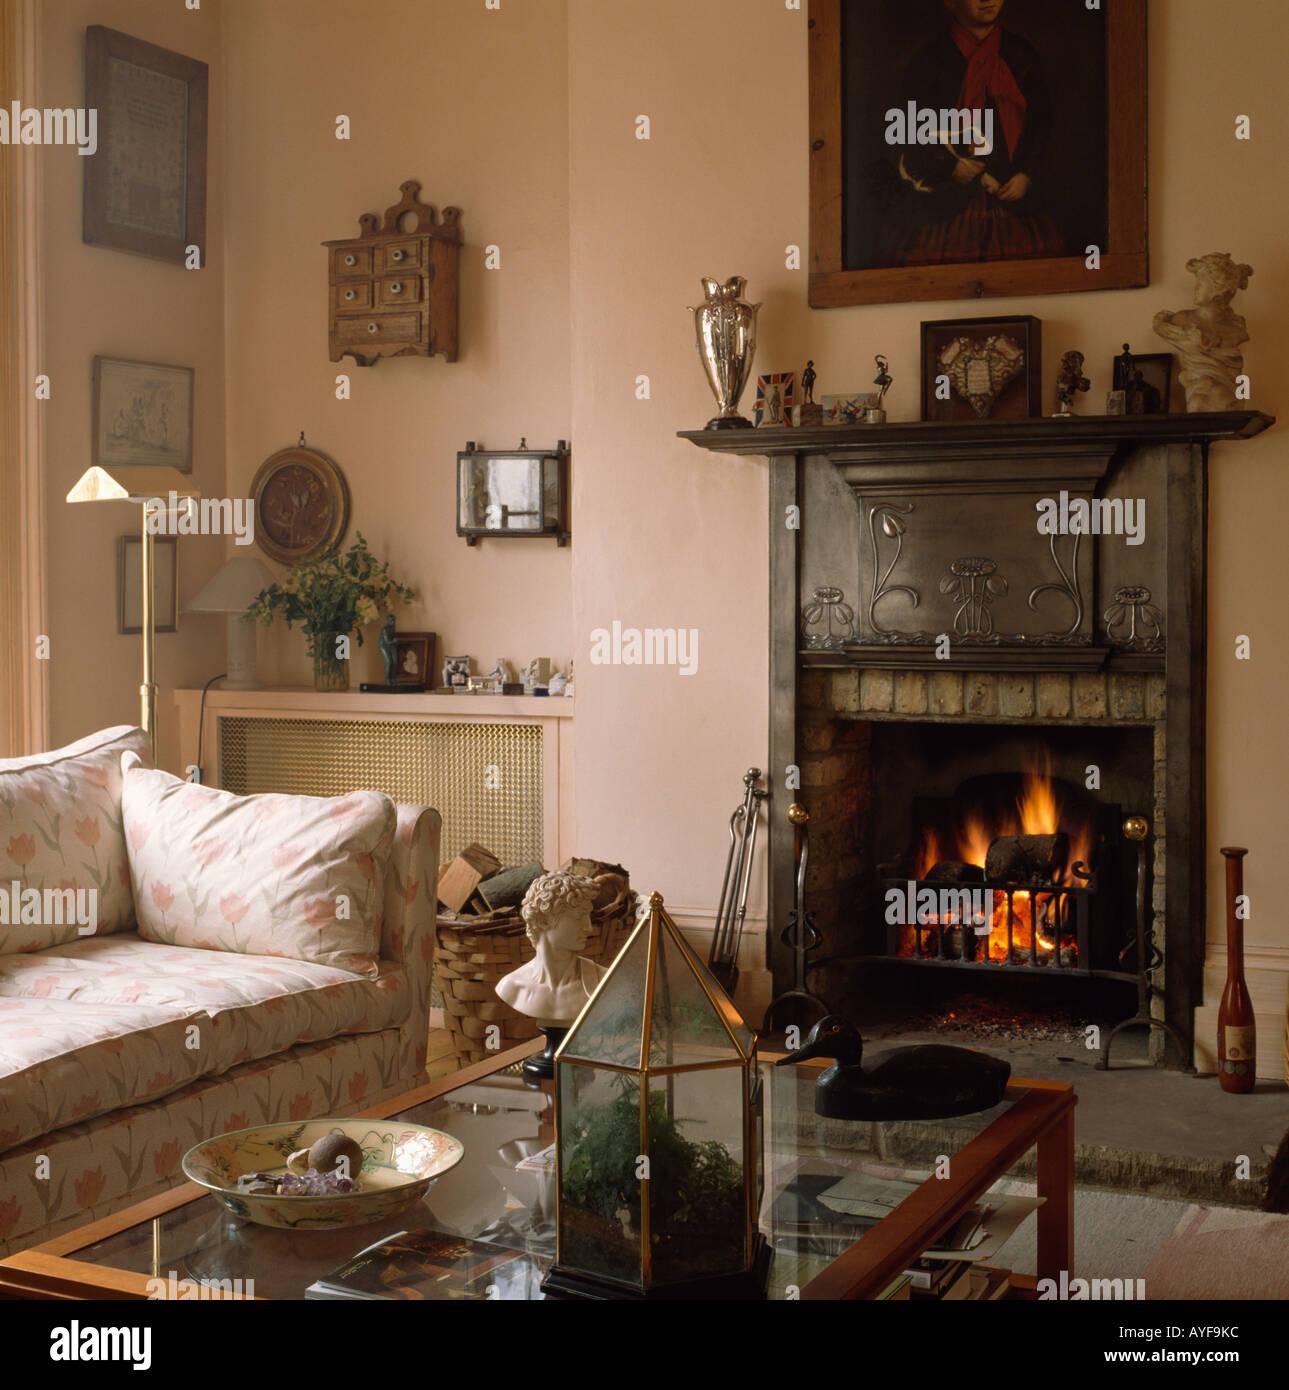 Gusseisen Kamin Mit Feuer Im Kleinen Wohnzimmer Mit Sofa Und Glas Tisch